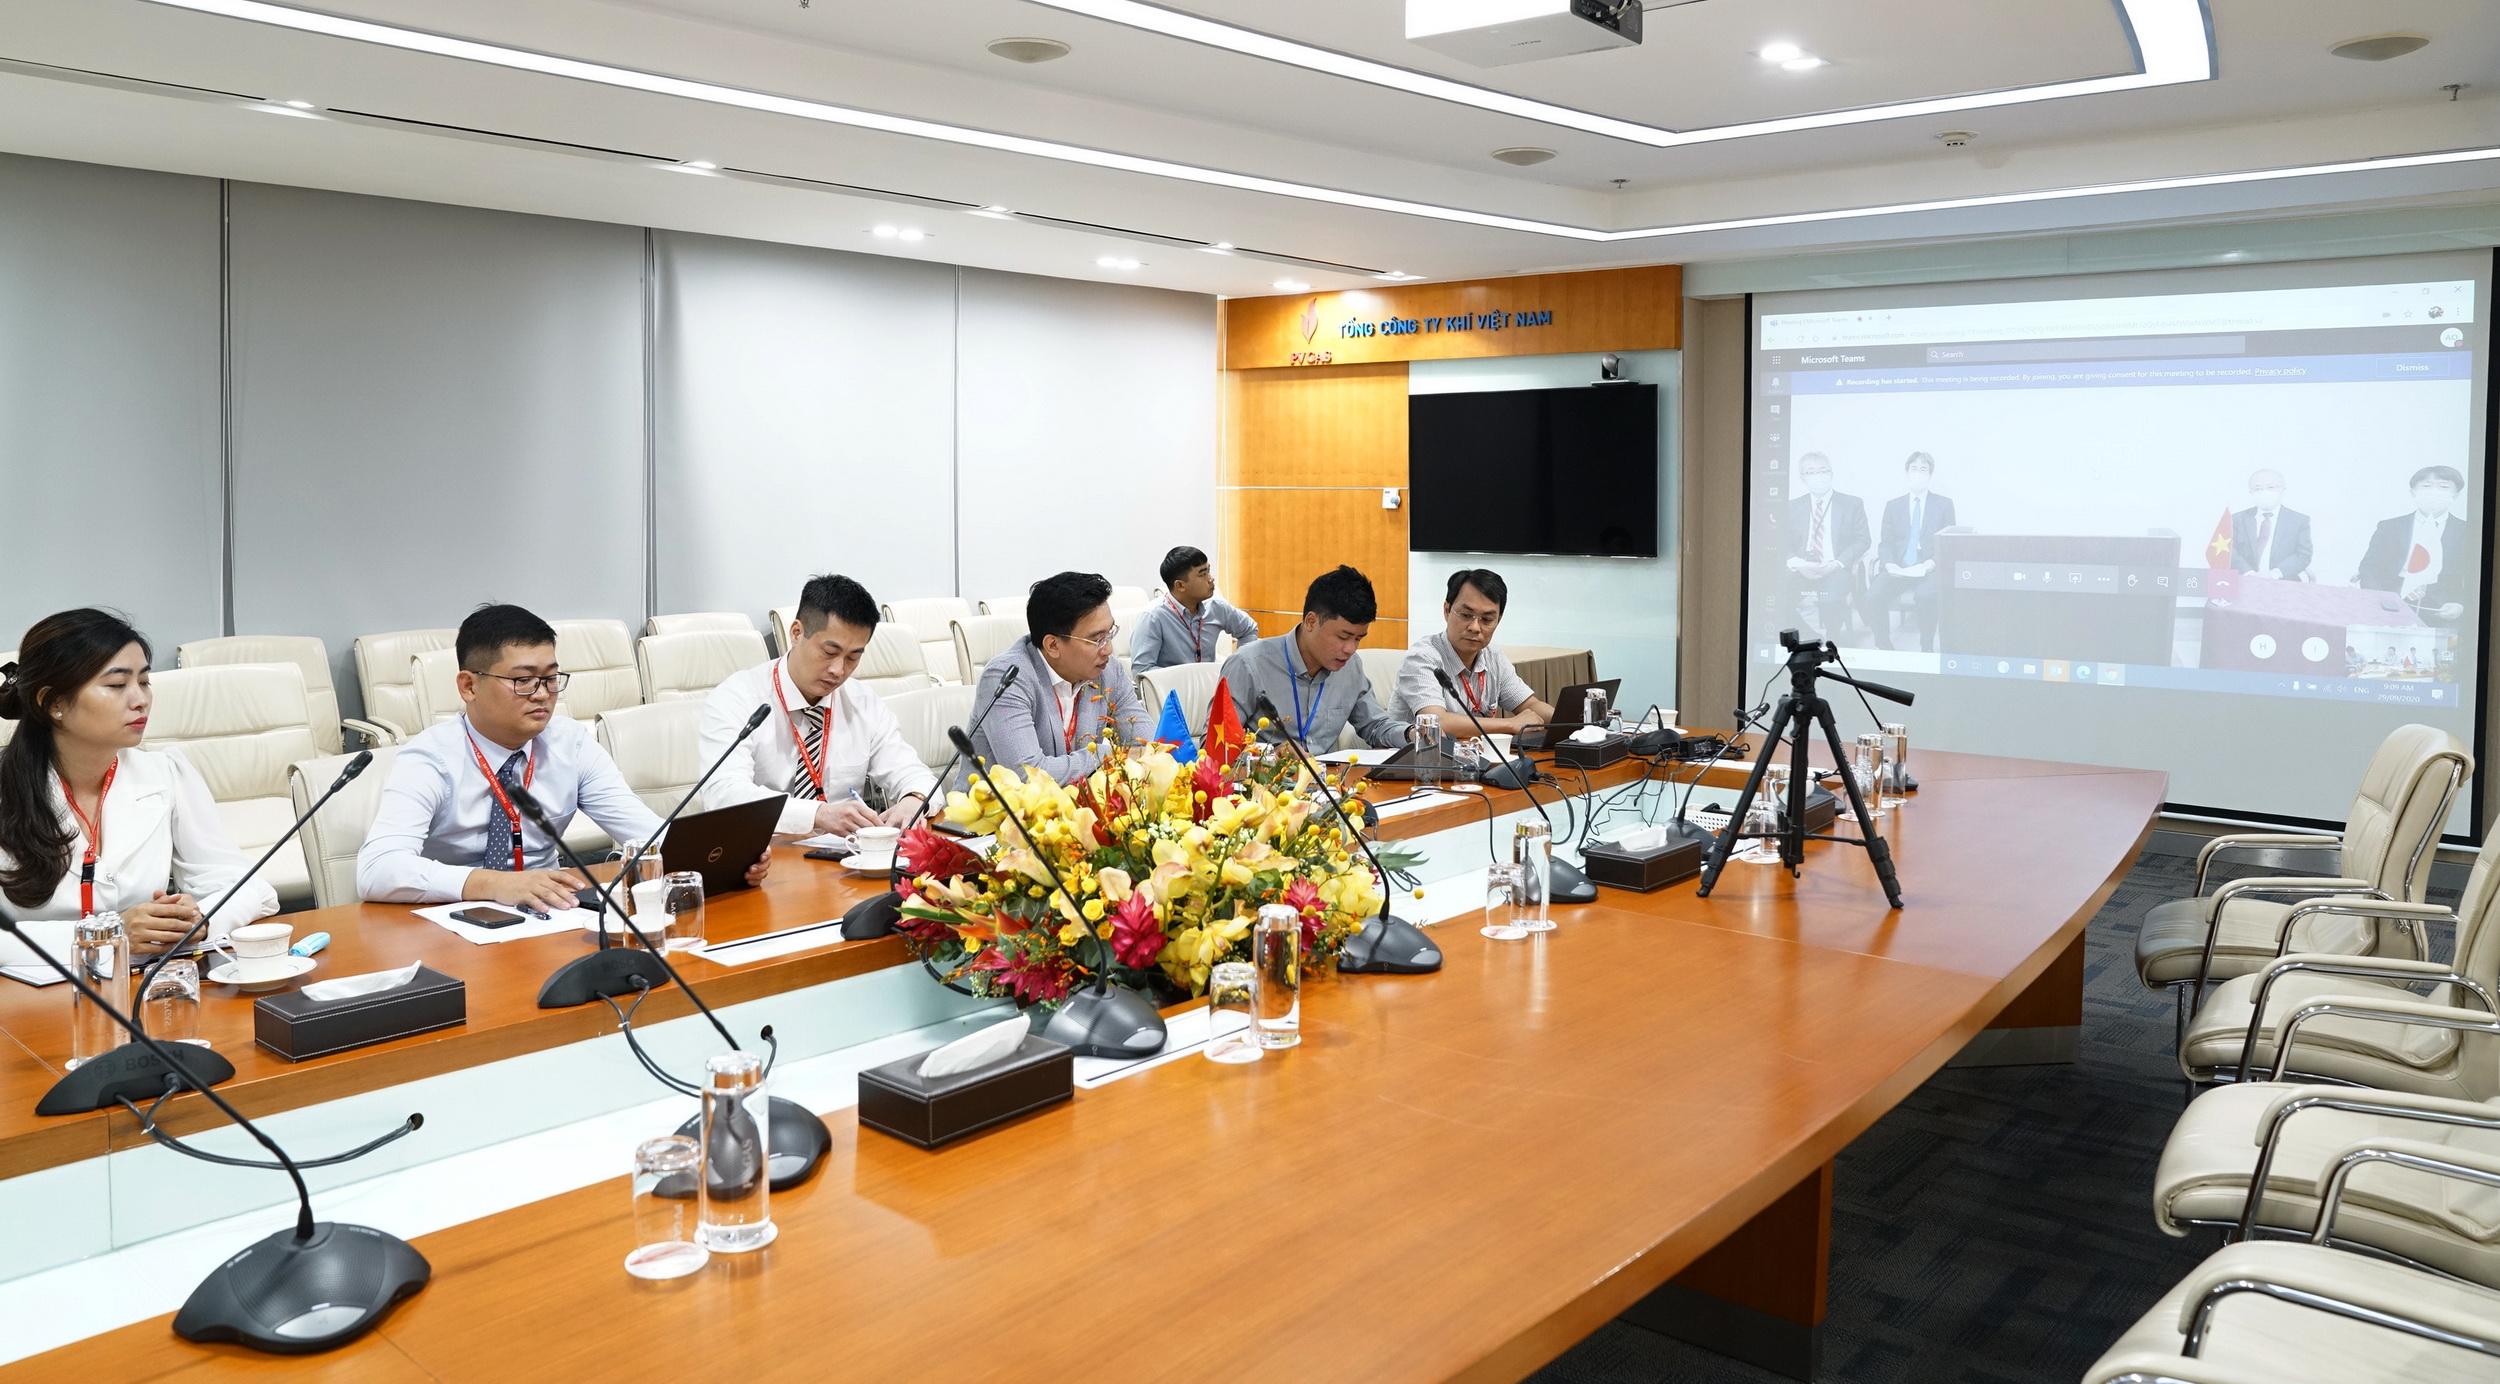 Quang cảnh buổi lễ ký kết trực tuyến trong điều kiện phòng chống dịch COVID-19 toàn cầu